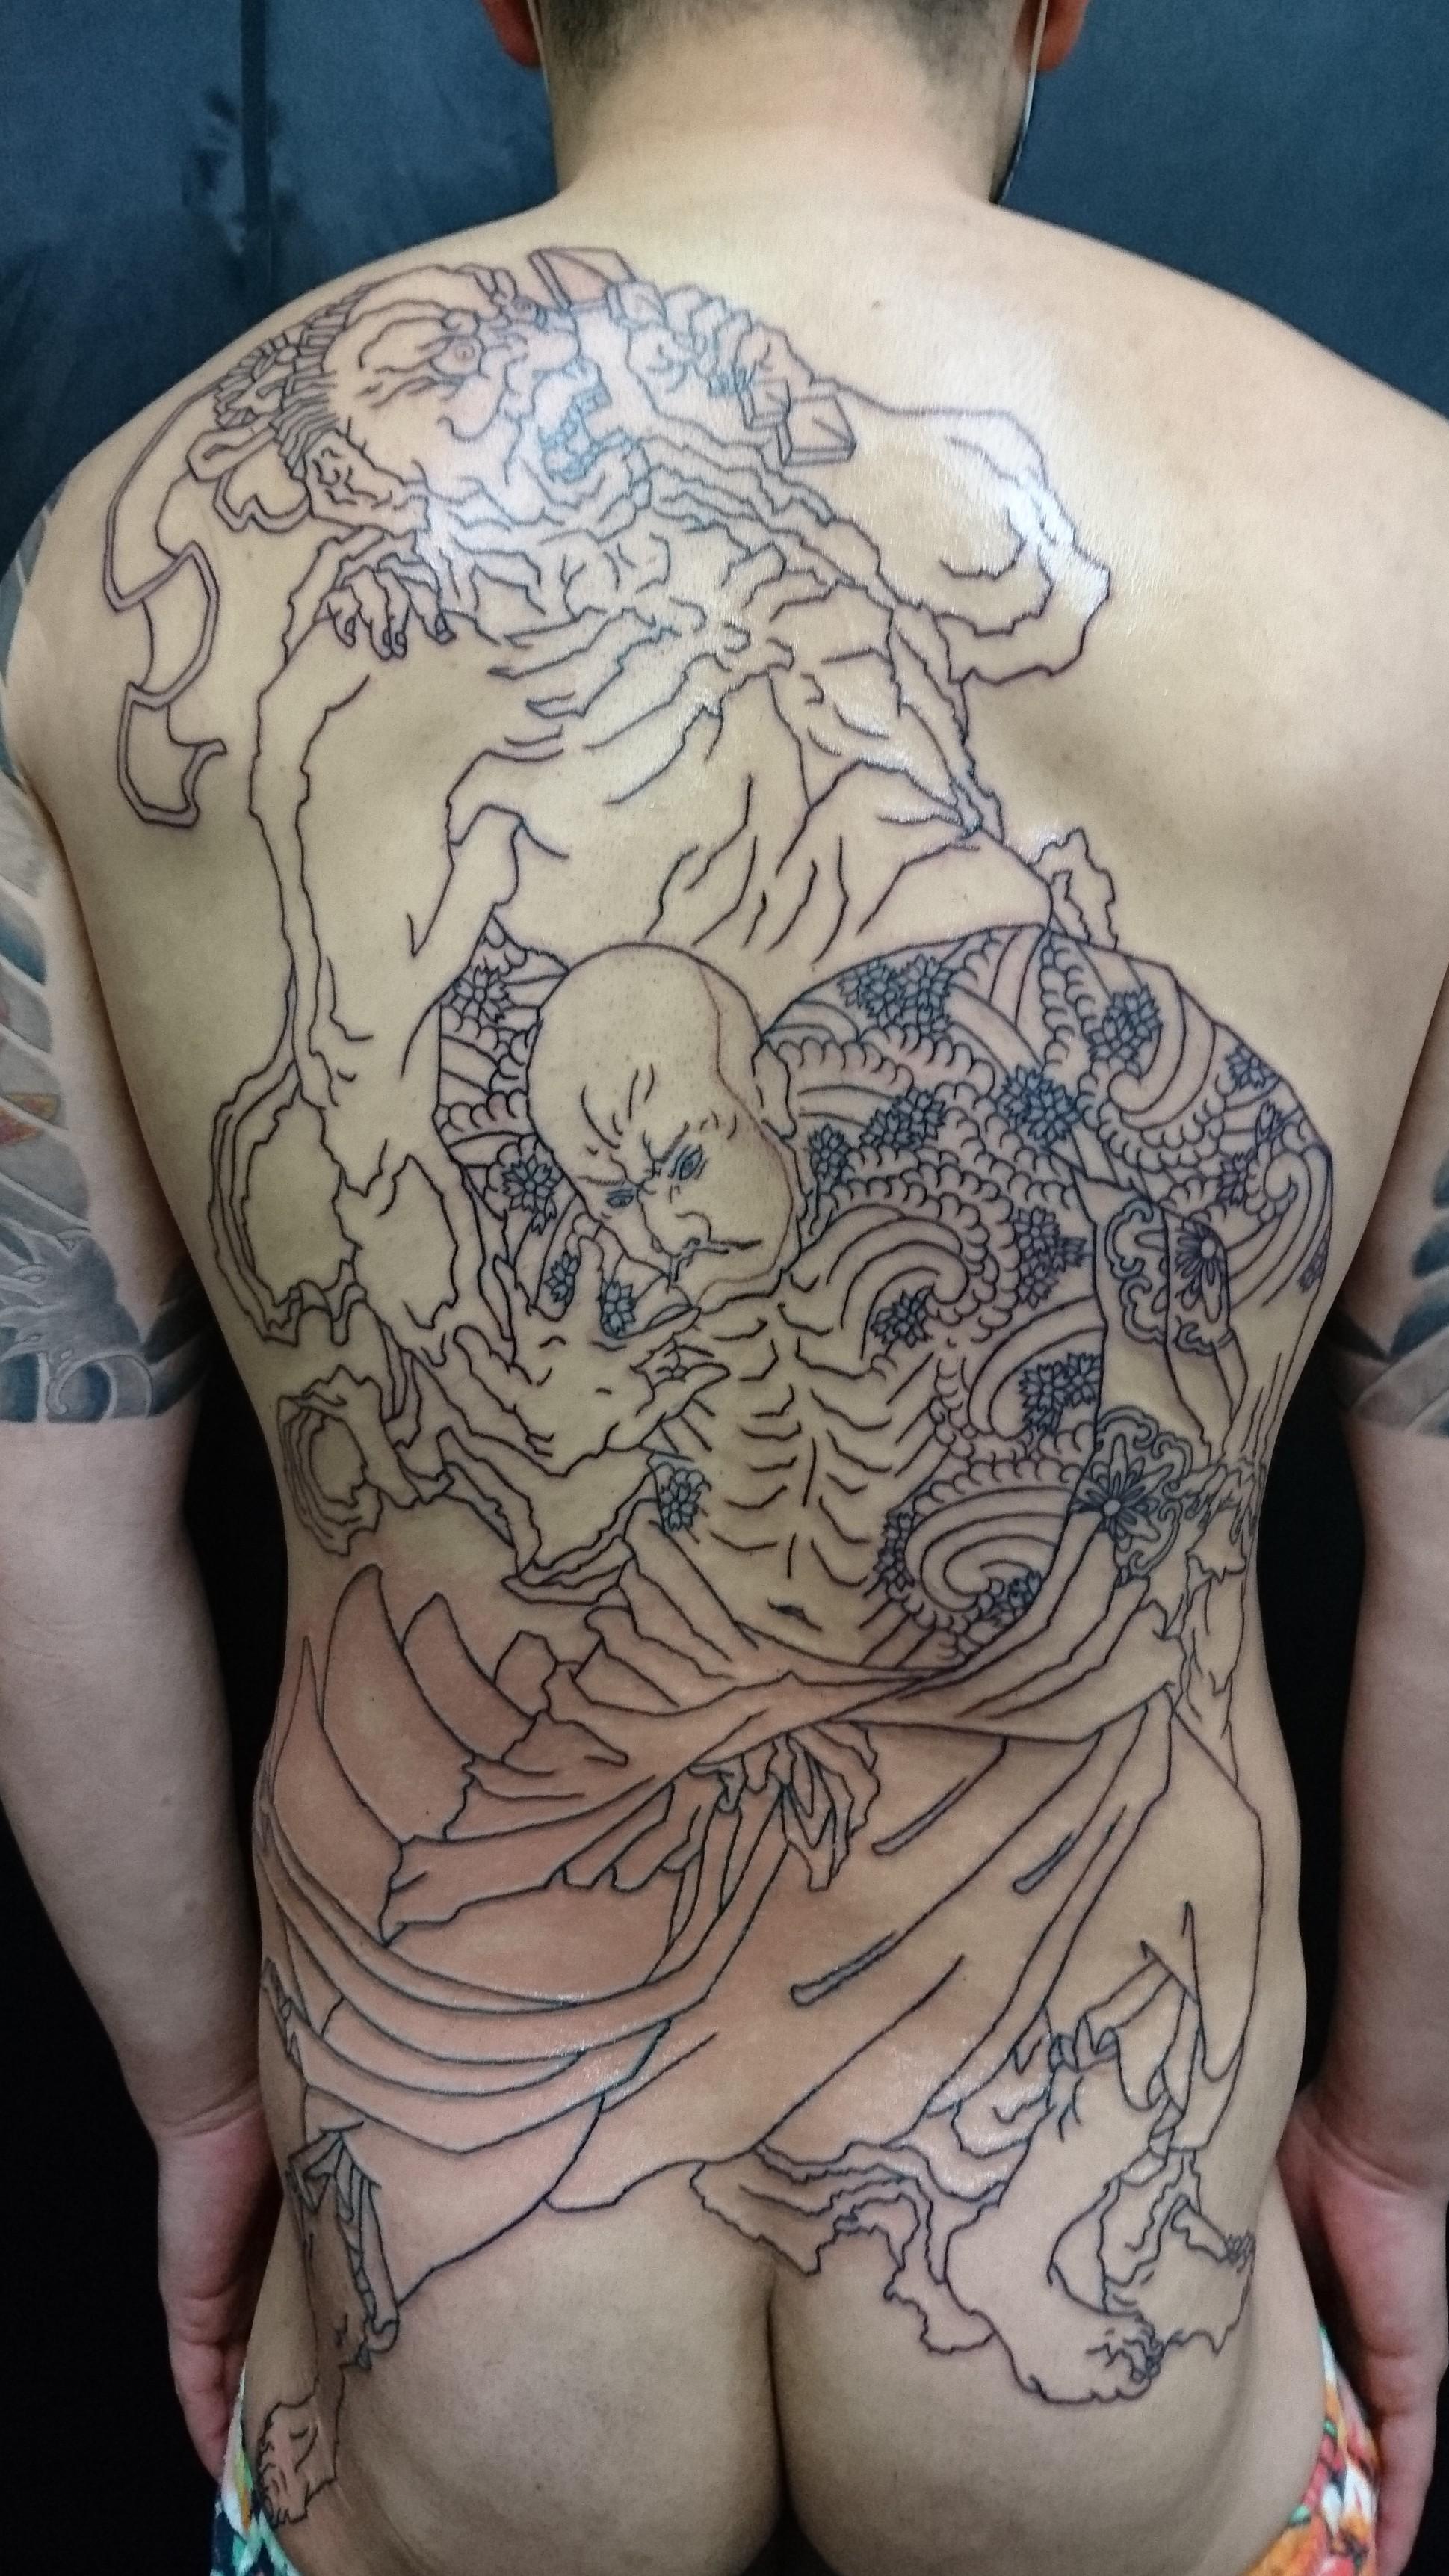 花和尚魯智深・金剛力士像 タトゥー